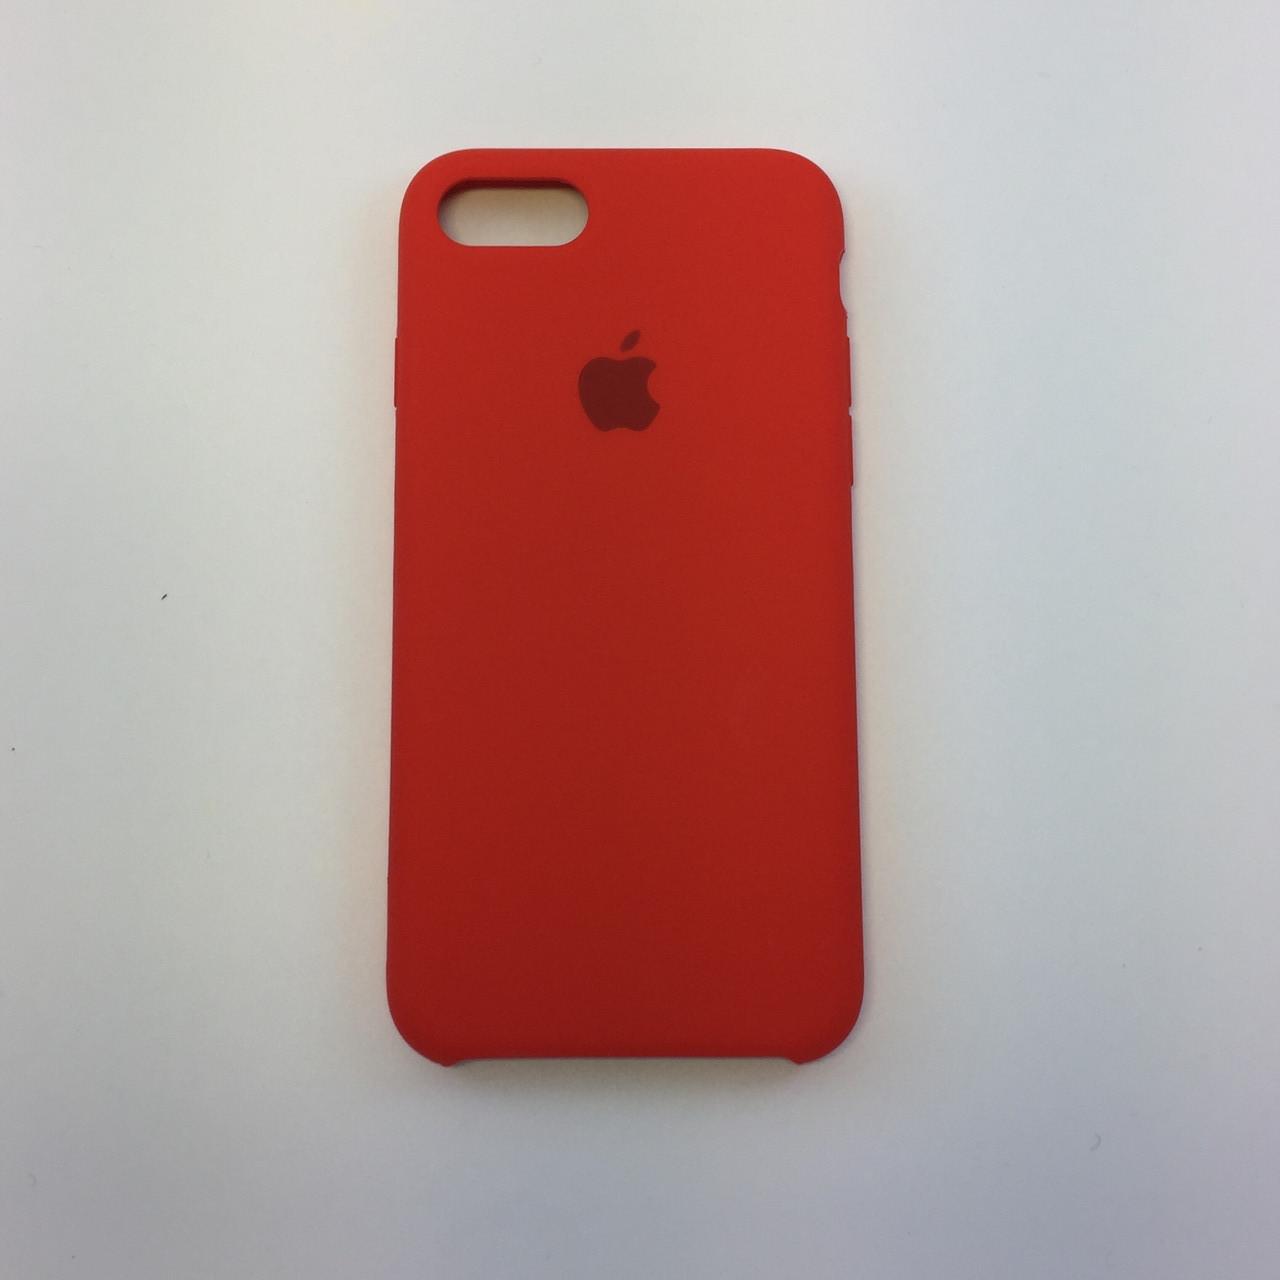 Силиконовый чехол iPhone 7 Plus / 8 Plus, темно терракотовый, copy original